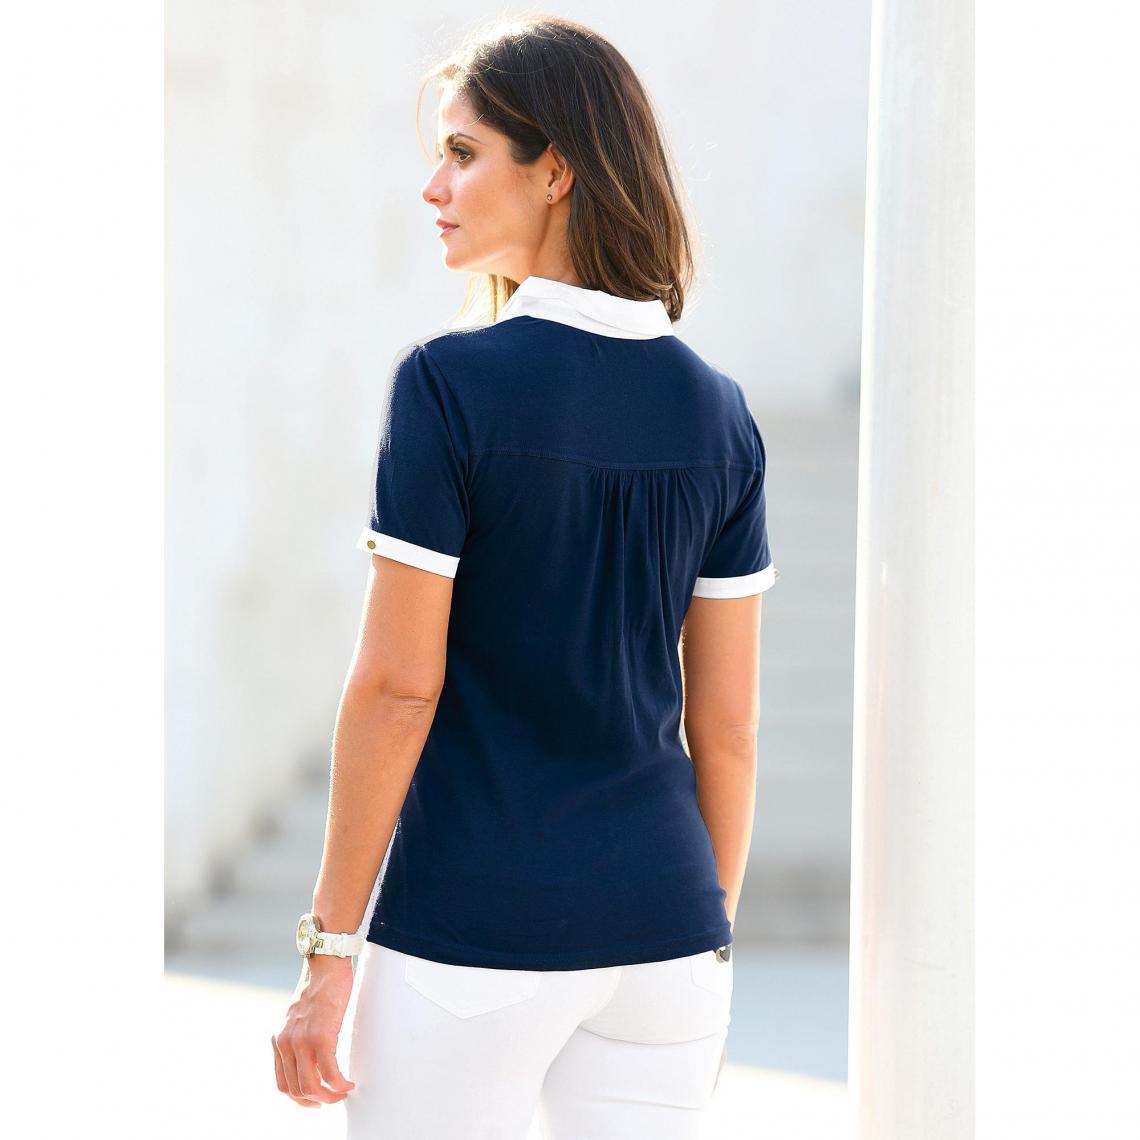 70b497fe421 Tee-shirt polo manches courtes poche plaquée femme - Bleu Marine